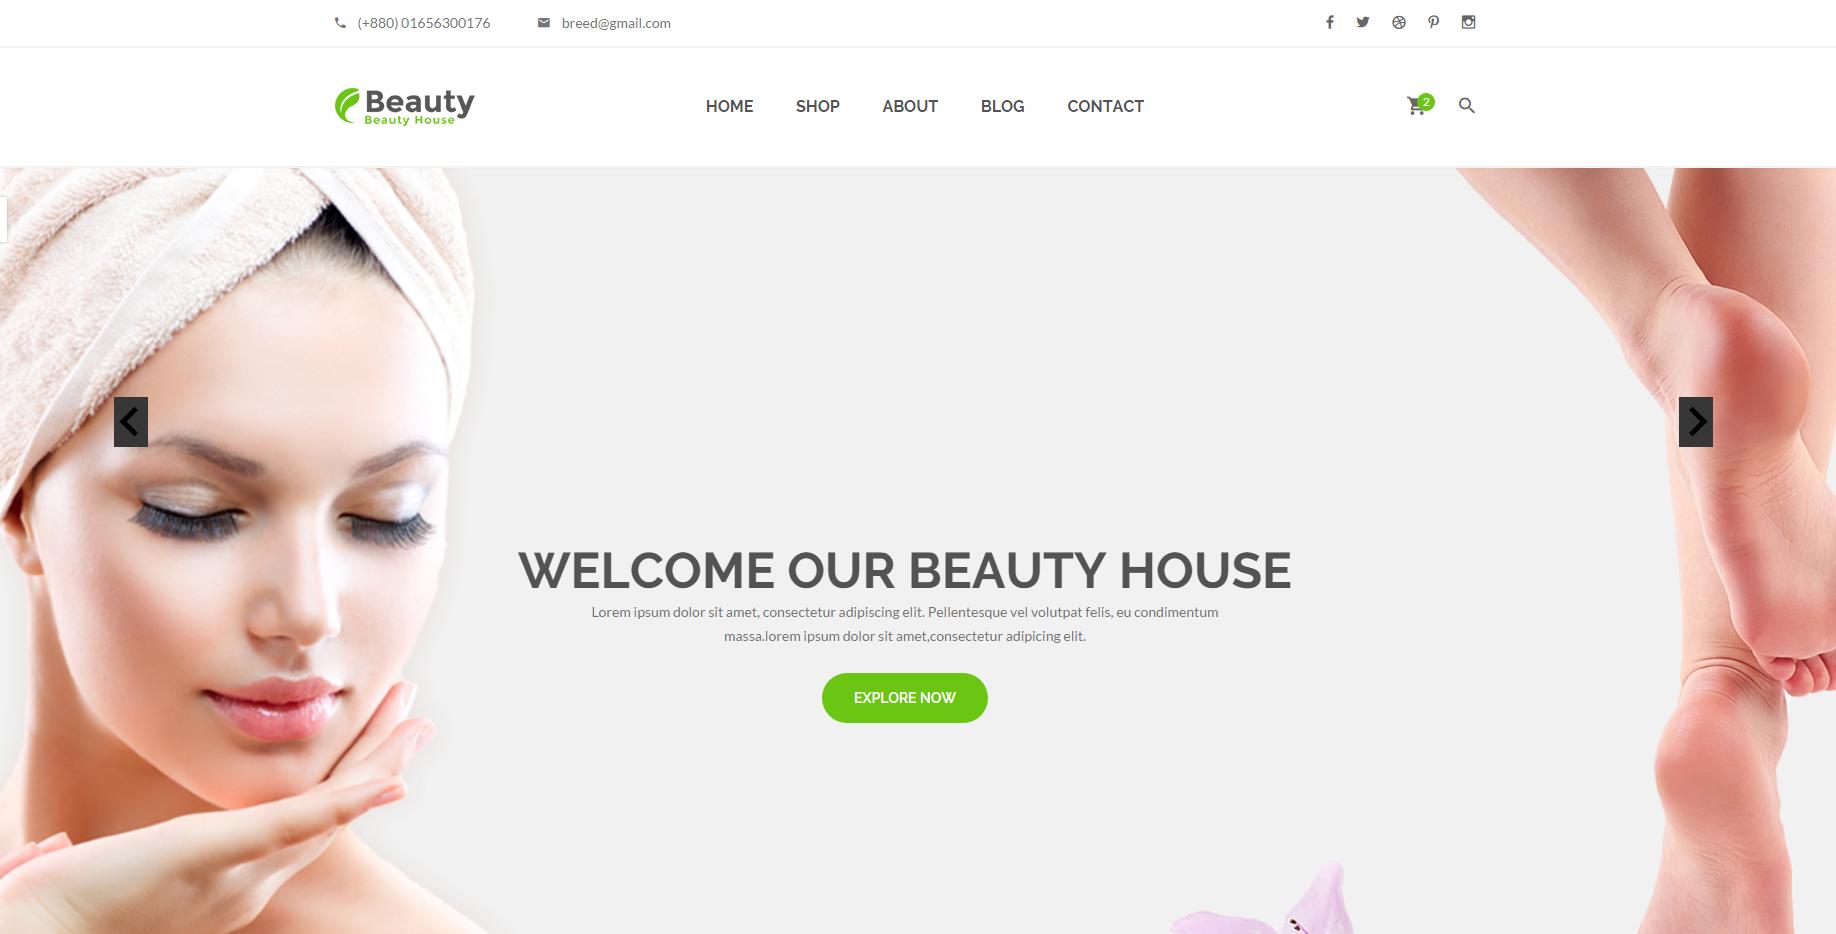 保健与美容网站模板